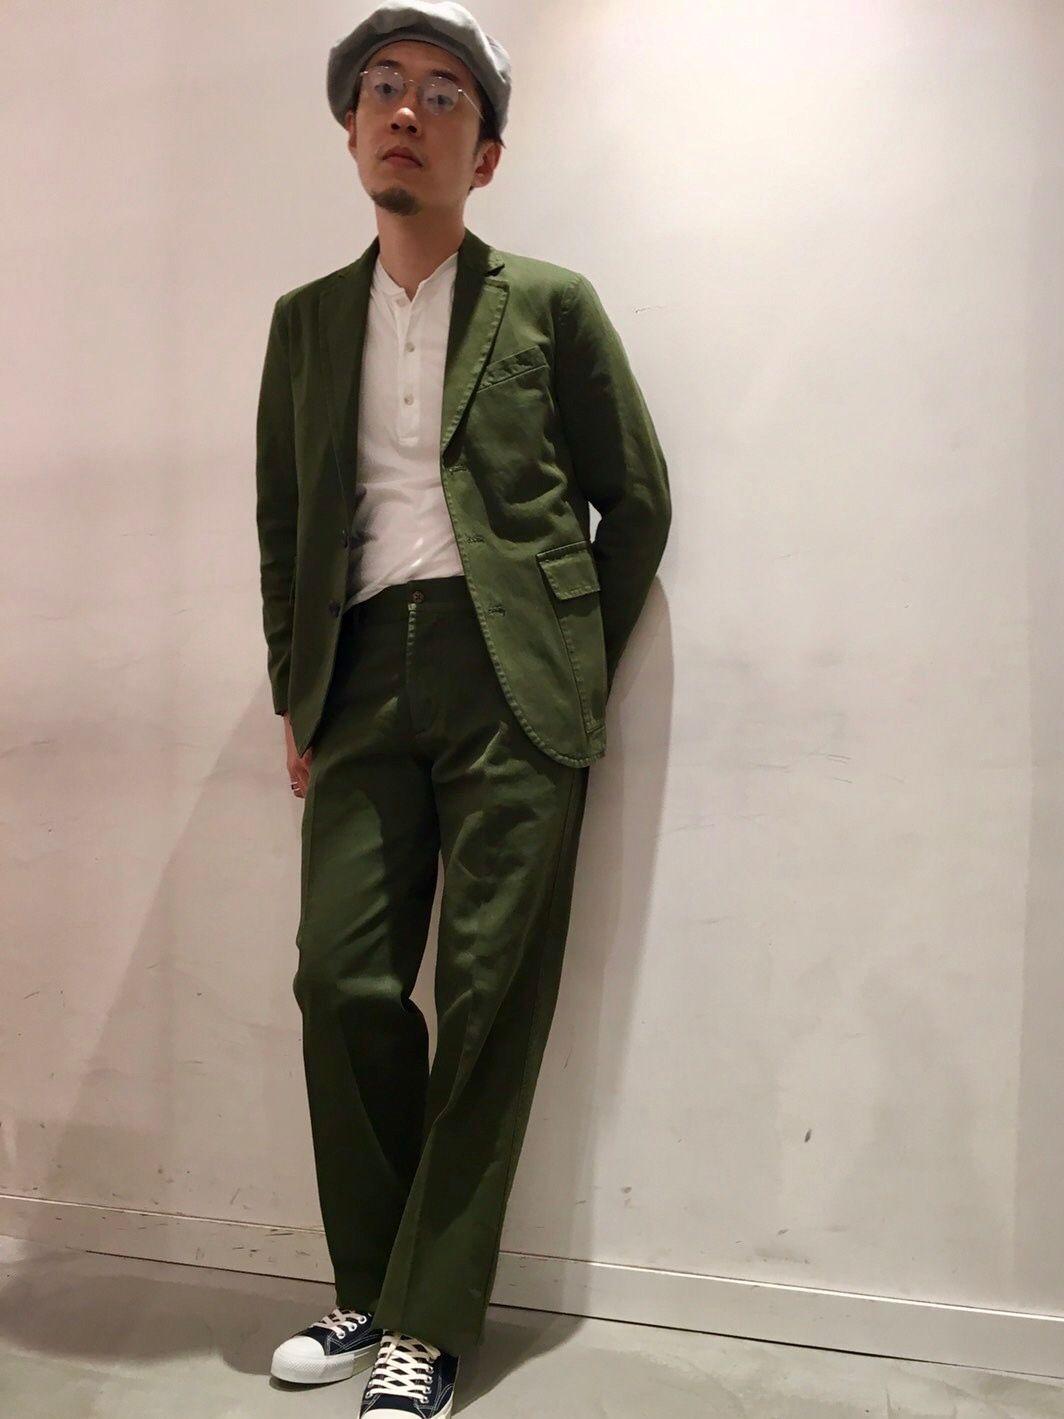 Ital style menus fashion